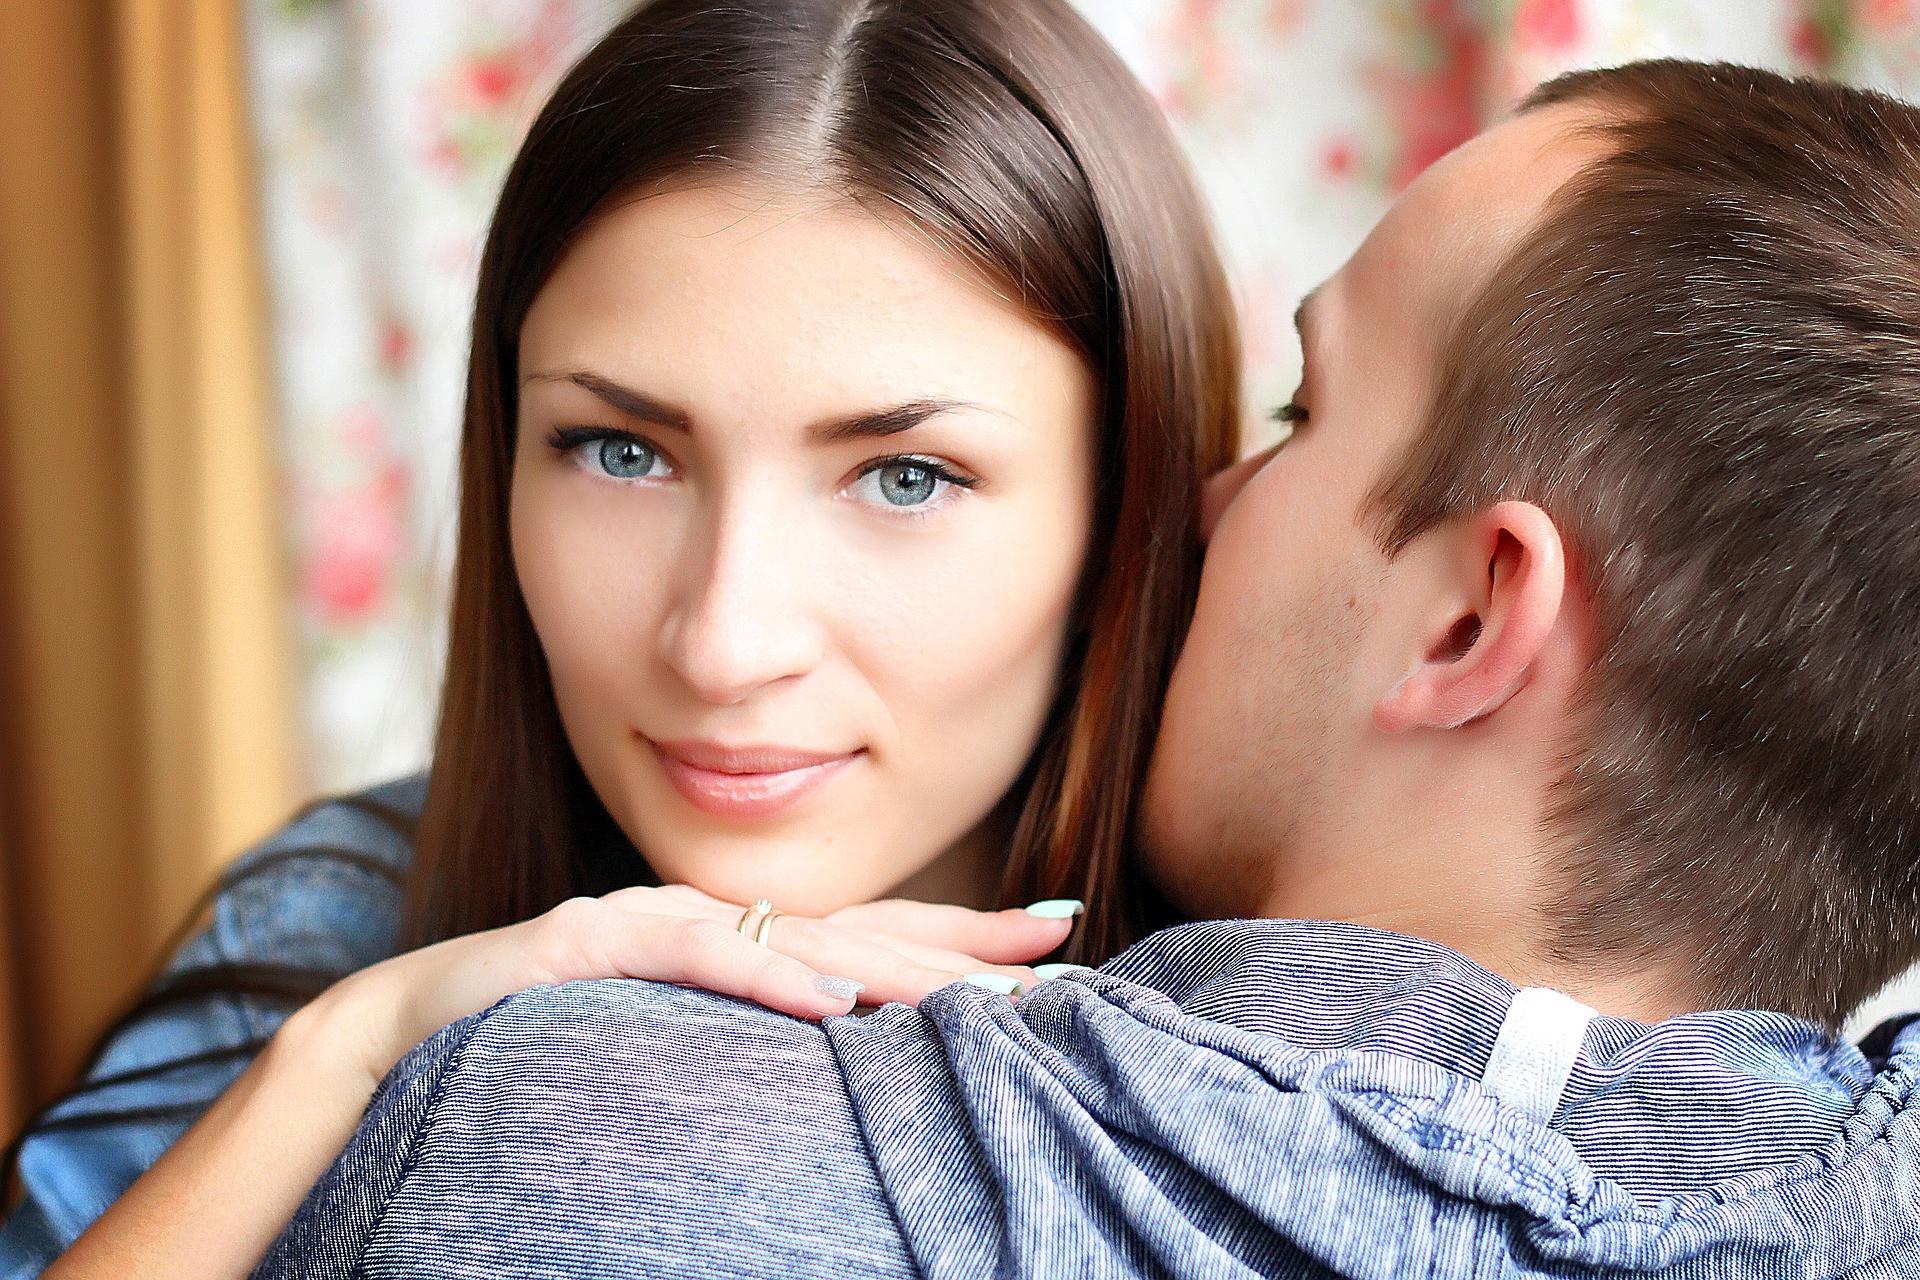 Тест: способна ли ты обольстить мужчину?